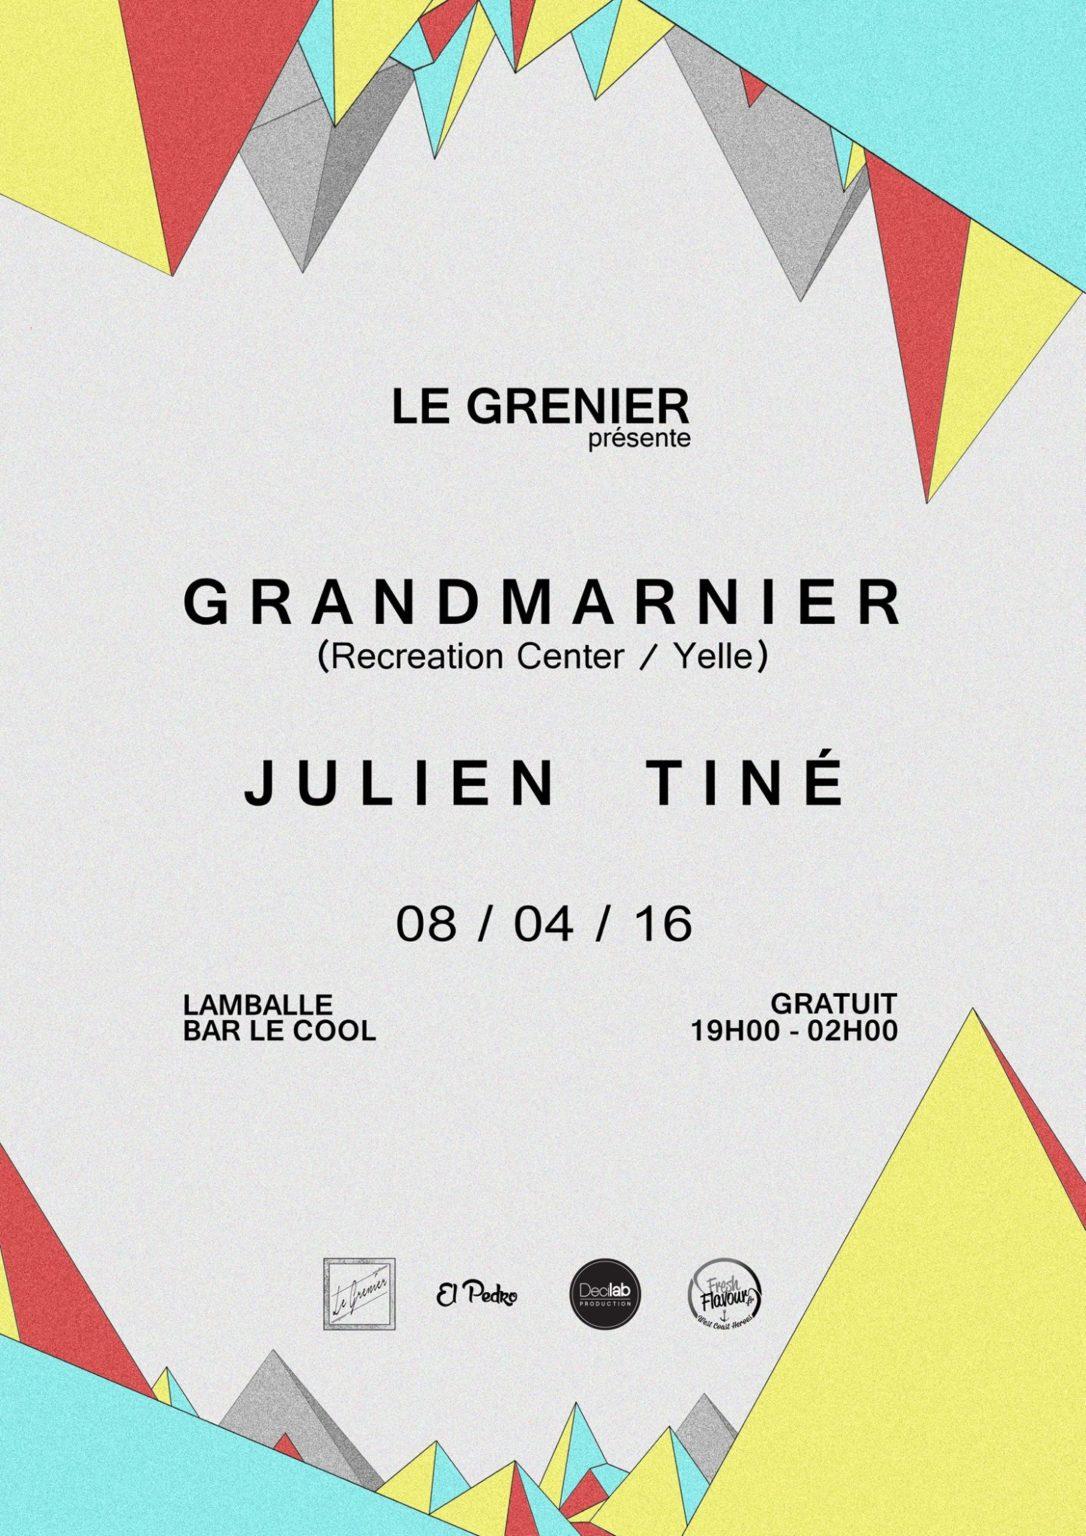 Le Grenier présente | Affiche